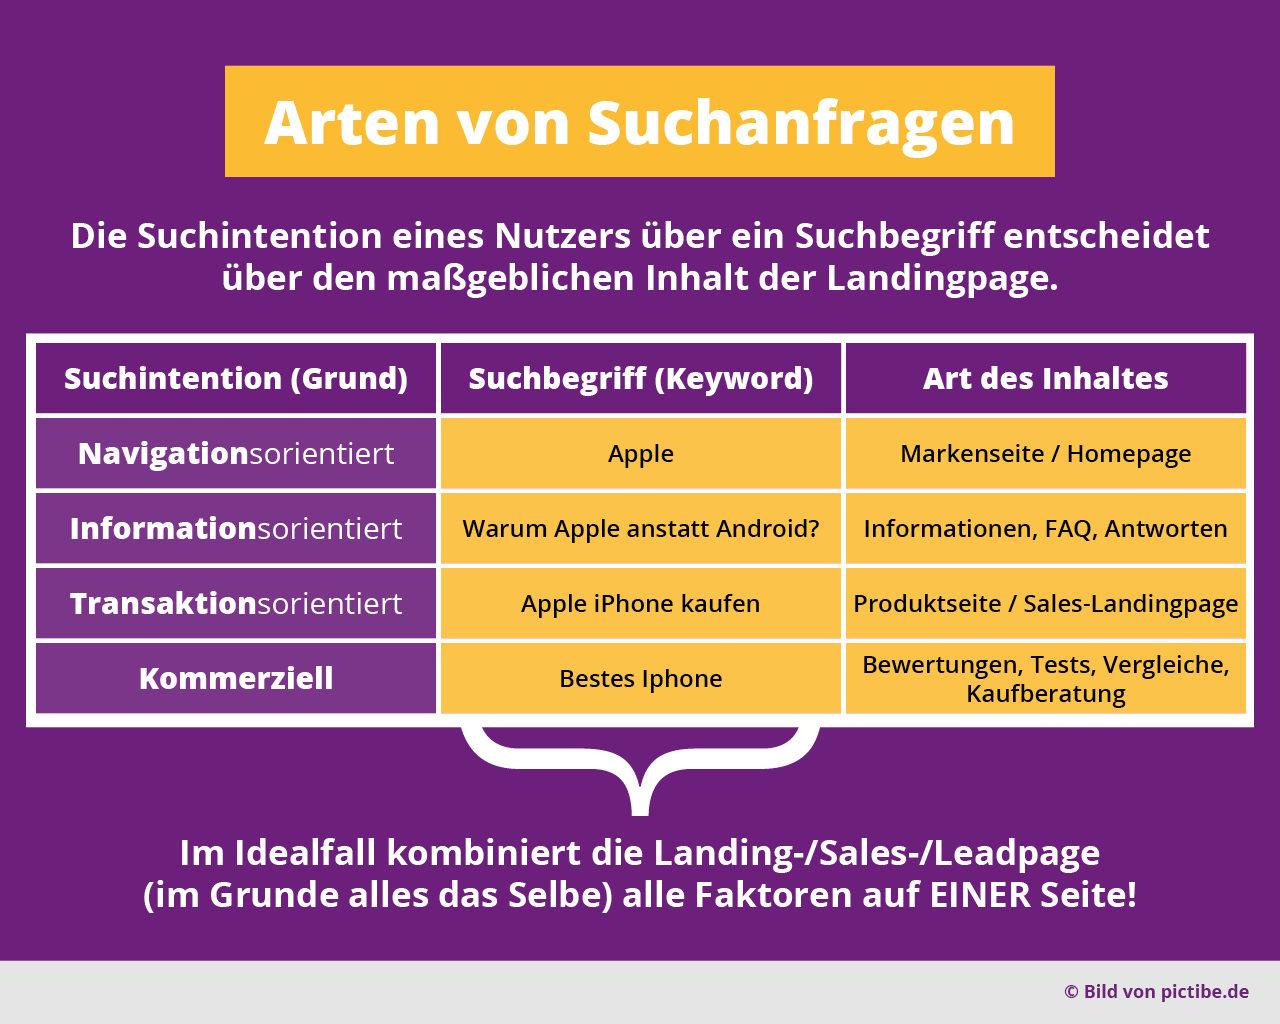 Arten Von Suchanfragen Seo Sea Keywords Suchbegriffe Navigation Information Transkation Kommerziell